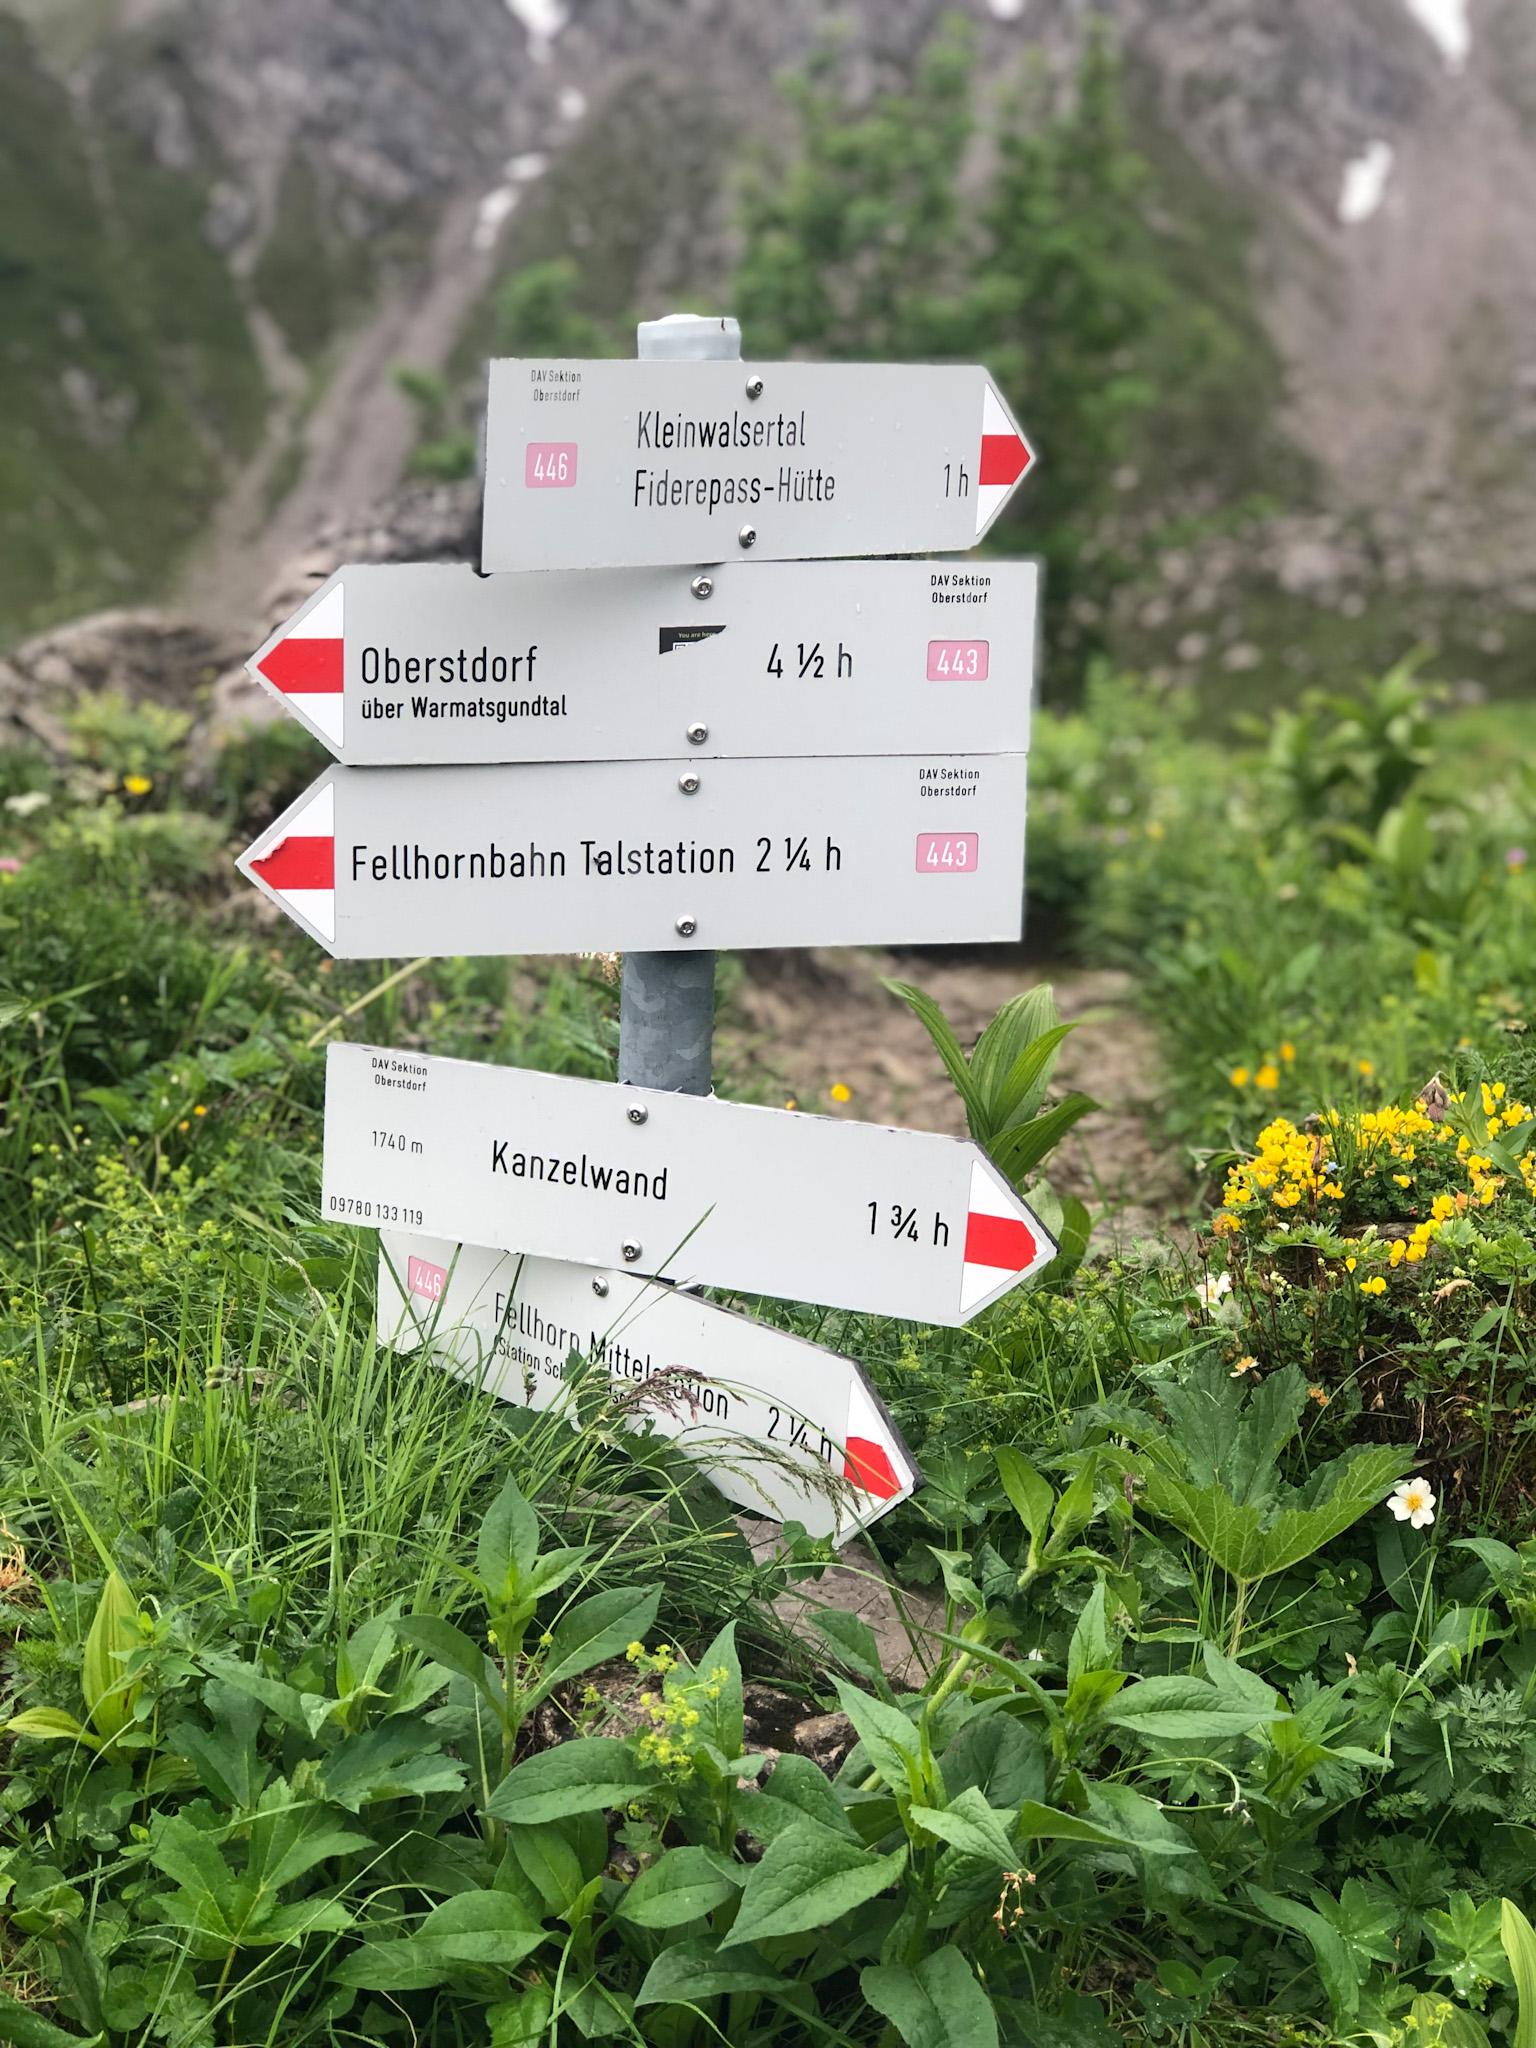 Panneaux de balisage sur les chemins de randonnée dans les Alpes d'Allgäu en Bavière